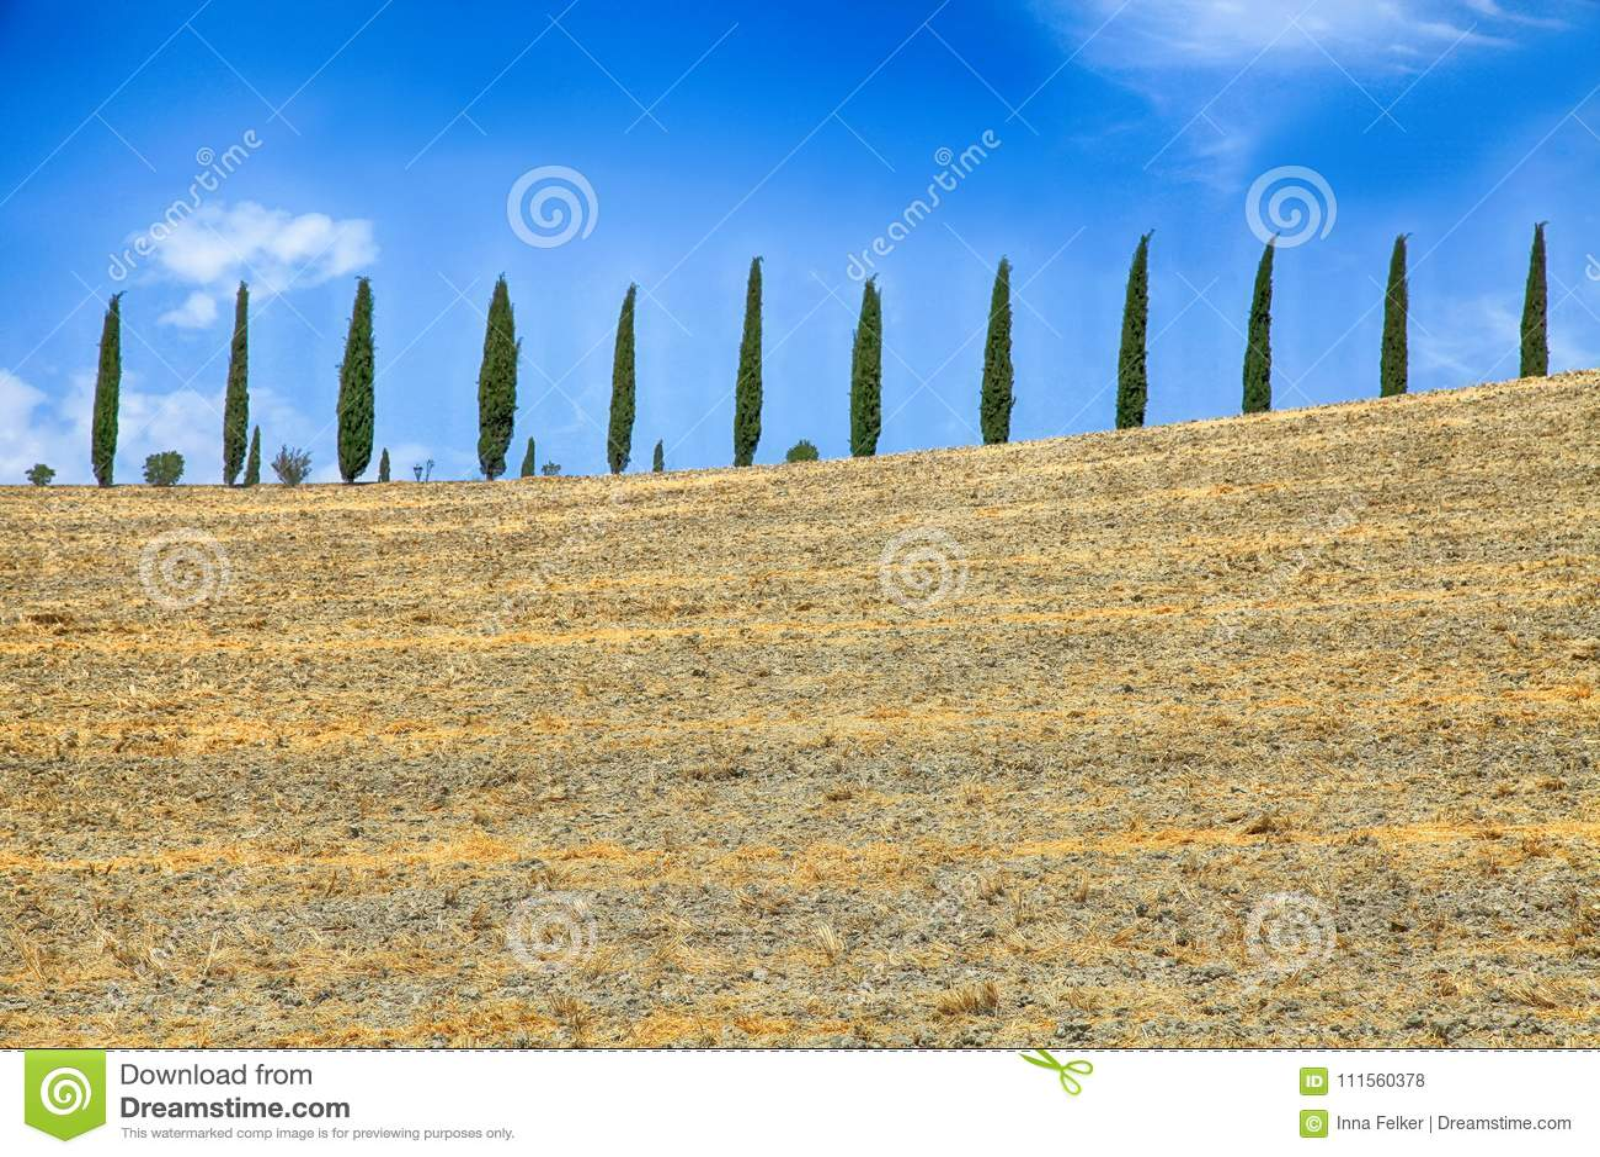 Ιταλικές σειρές δέντρων κυπαρισσιών και κίτρινο αγροτικό τοπίο τομέων, Tus